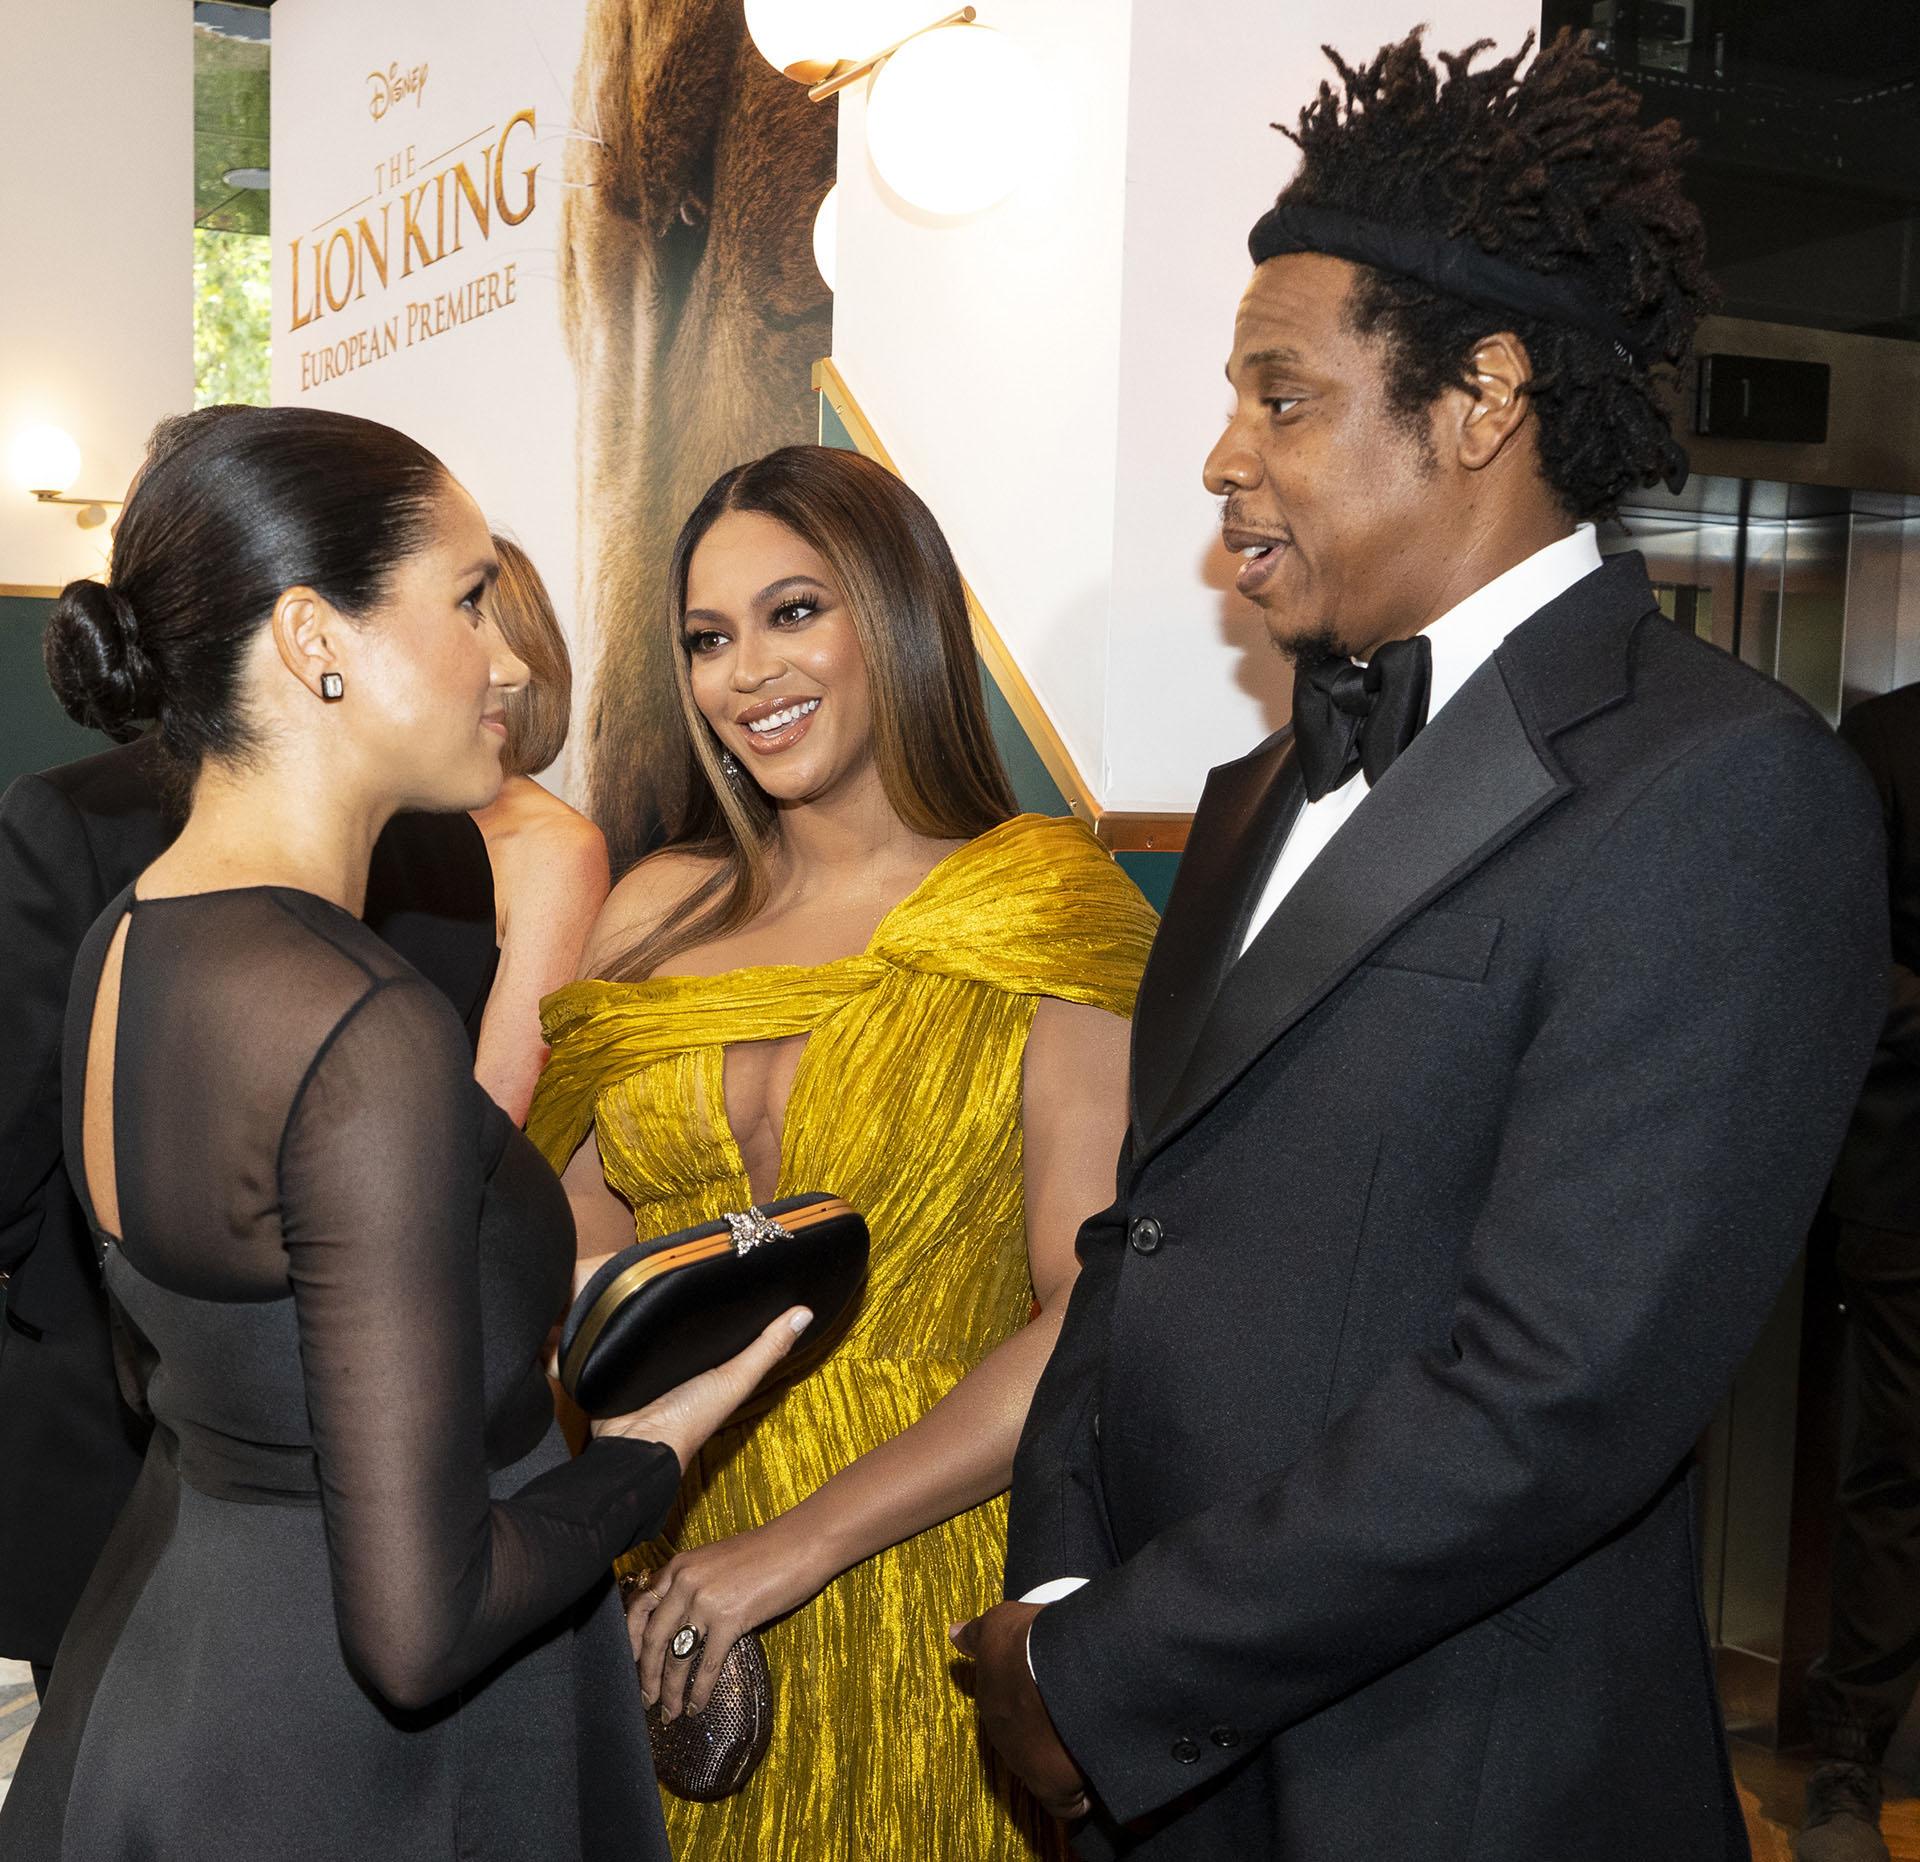 Durante el evento saludaron a los cantantes Beyoncé y Jay Z